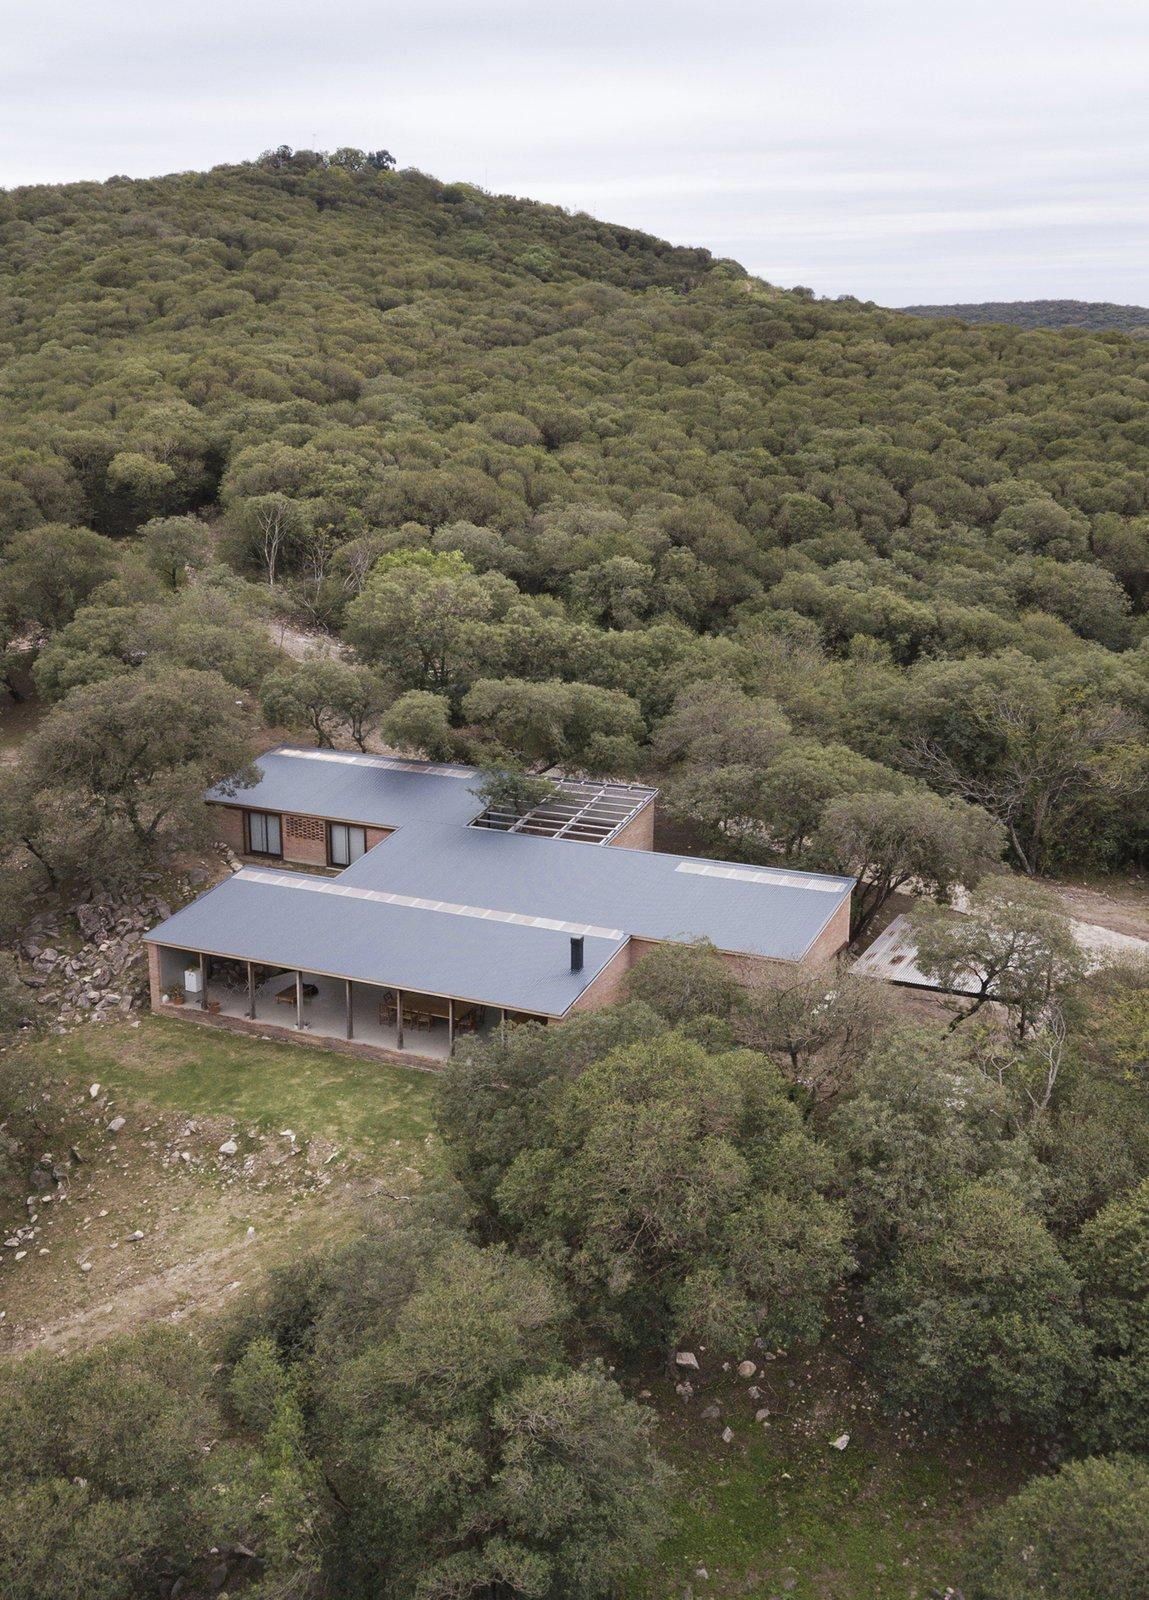 Casa JB overhead view